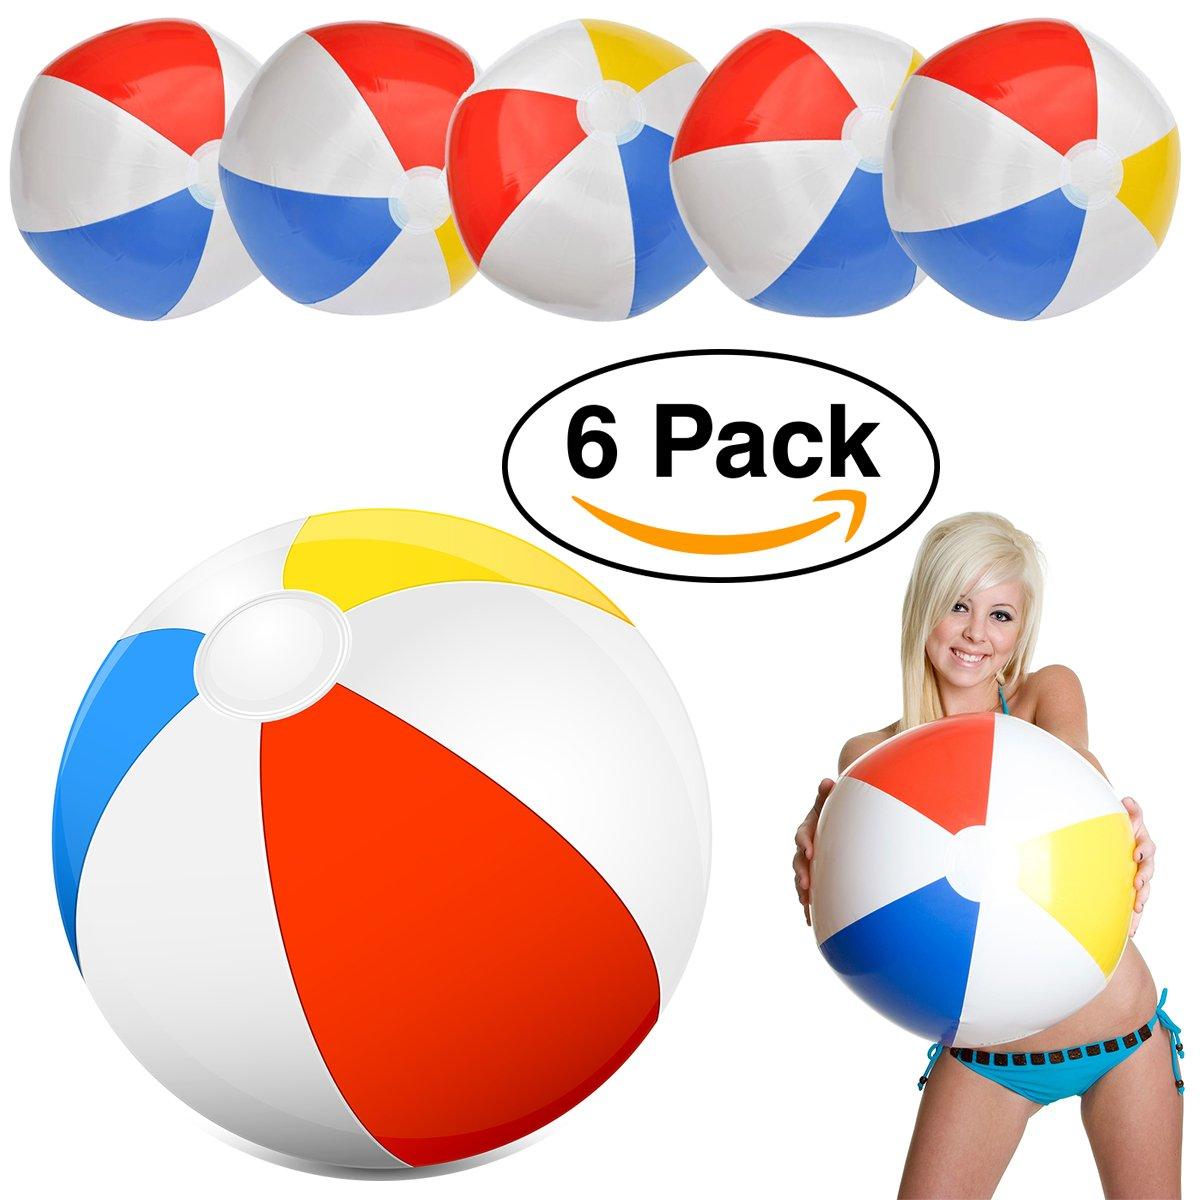 Intex Glossy Panel Beach Ball Large 20'' Classic Red, Blue, Yellow & white Beachball (6 Pack)